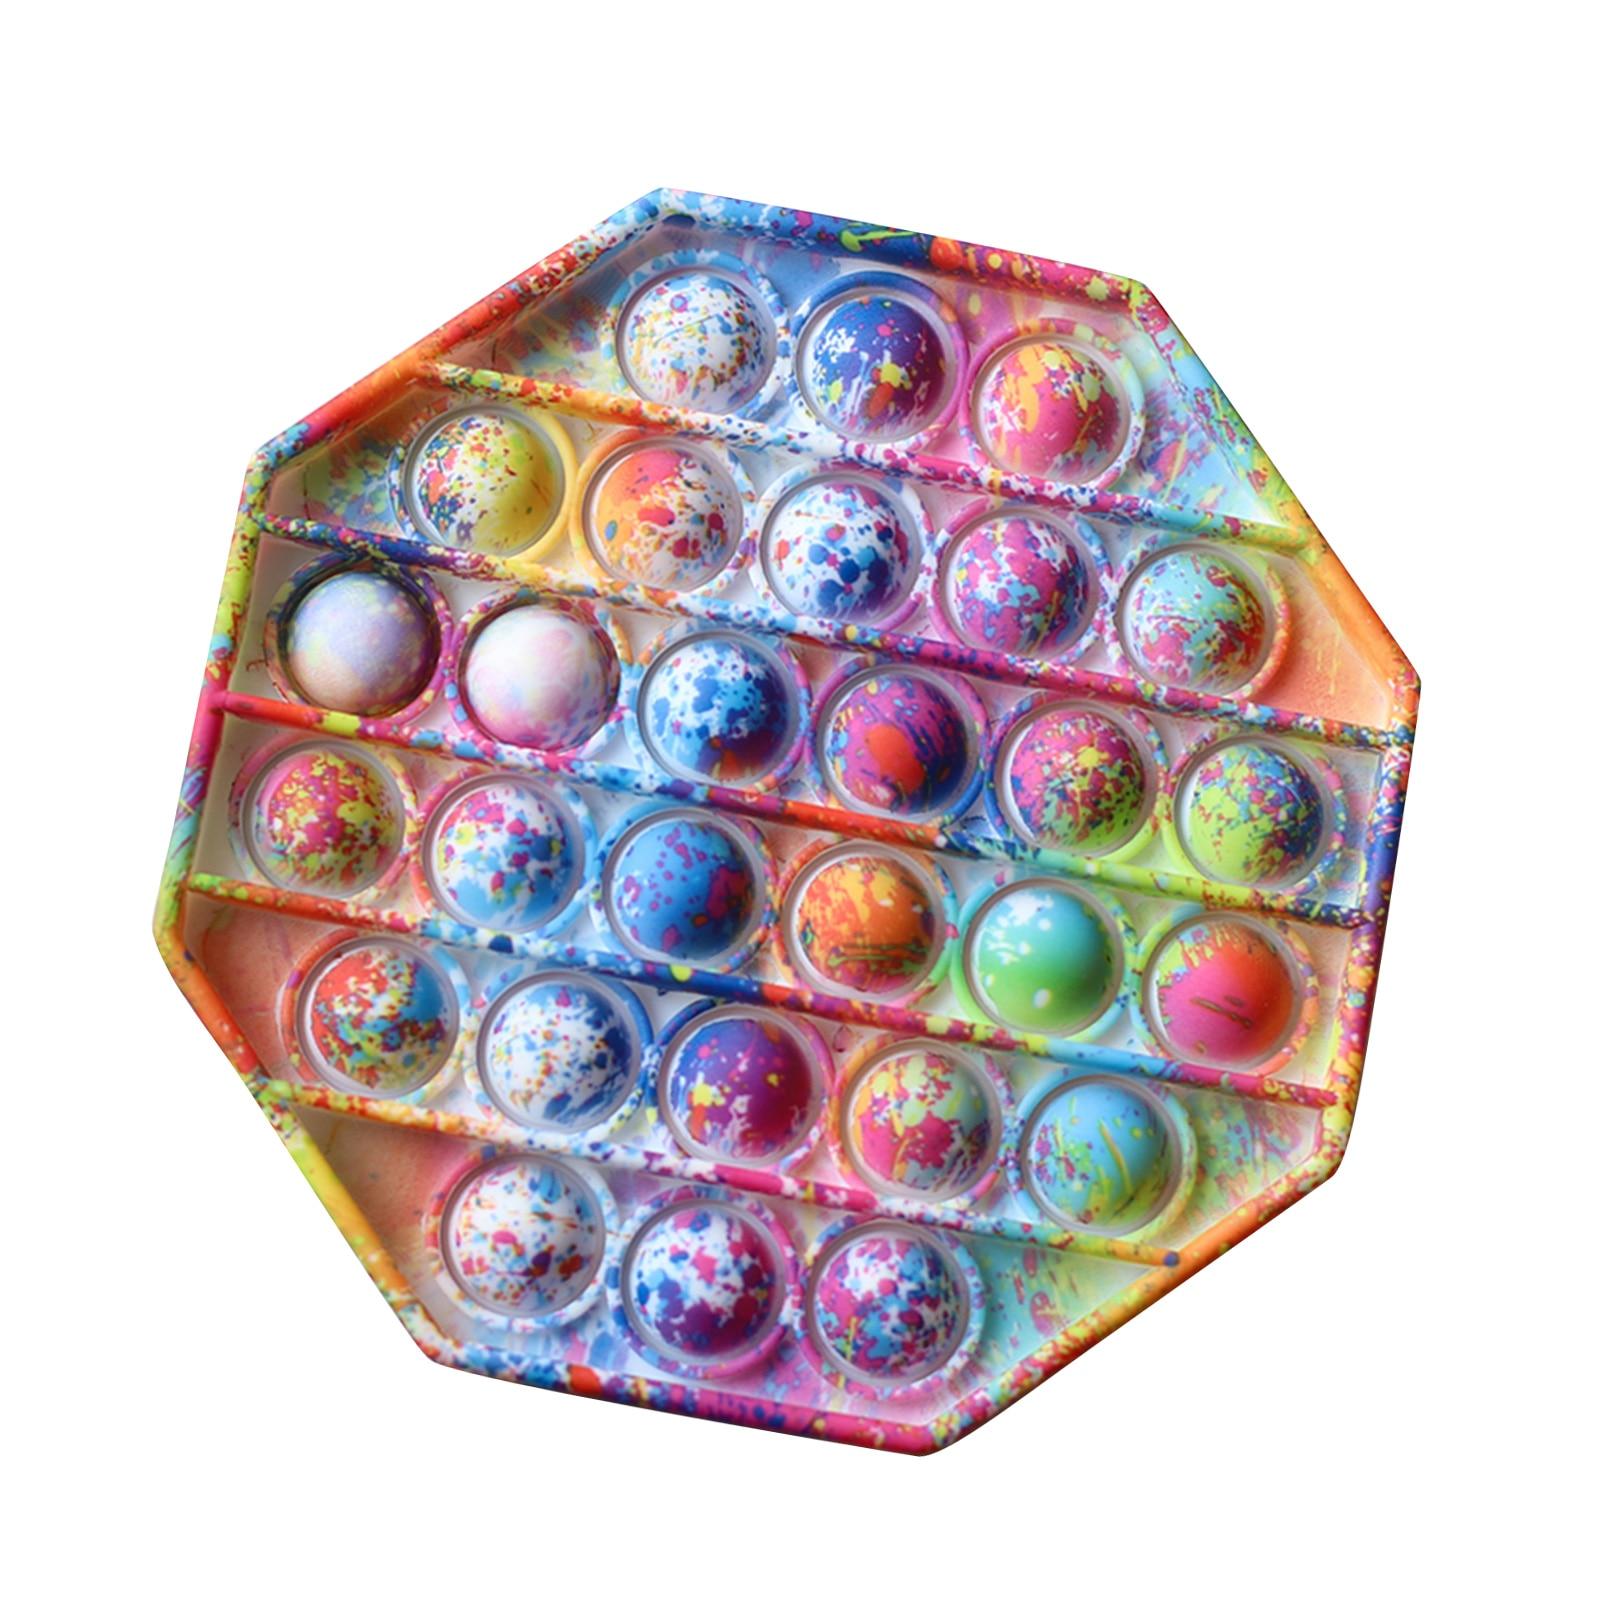 2021 neue Push-Pop Pop Blase Sensorischen Zappeln Spielzeug Silikon Stressabbau Spielzeug Squeeze Spielzeug Pop Es Zappeln Spielzeug